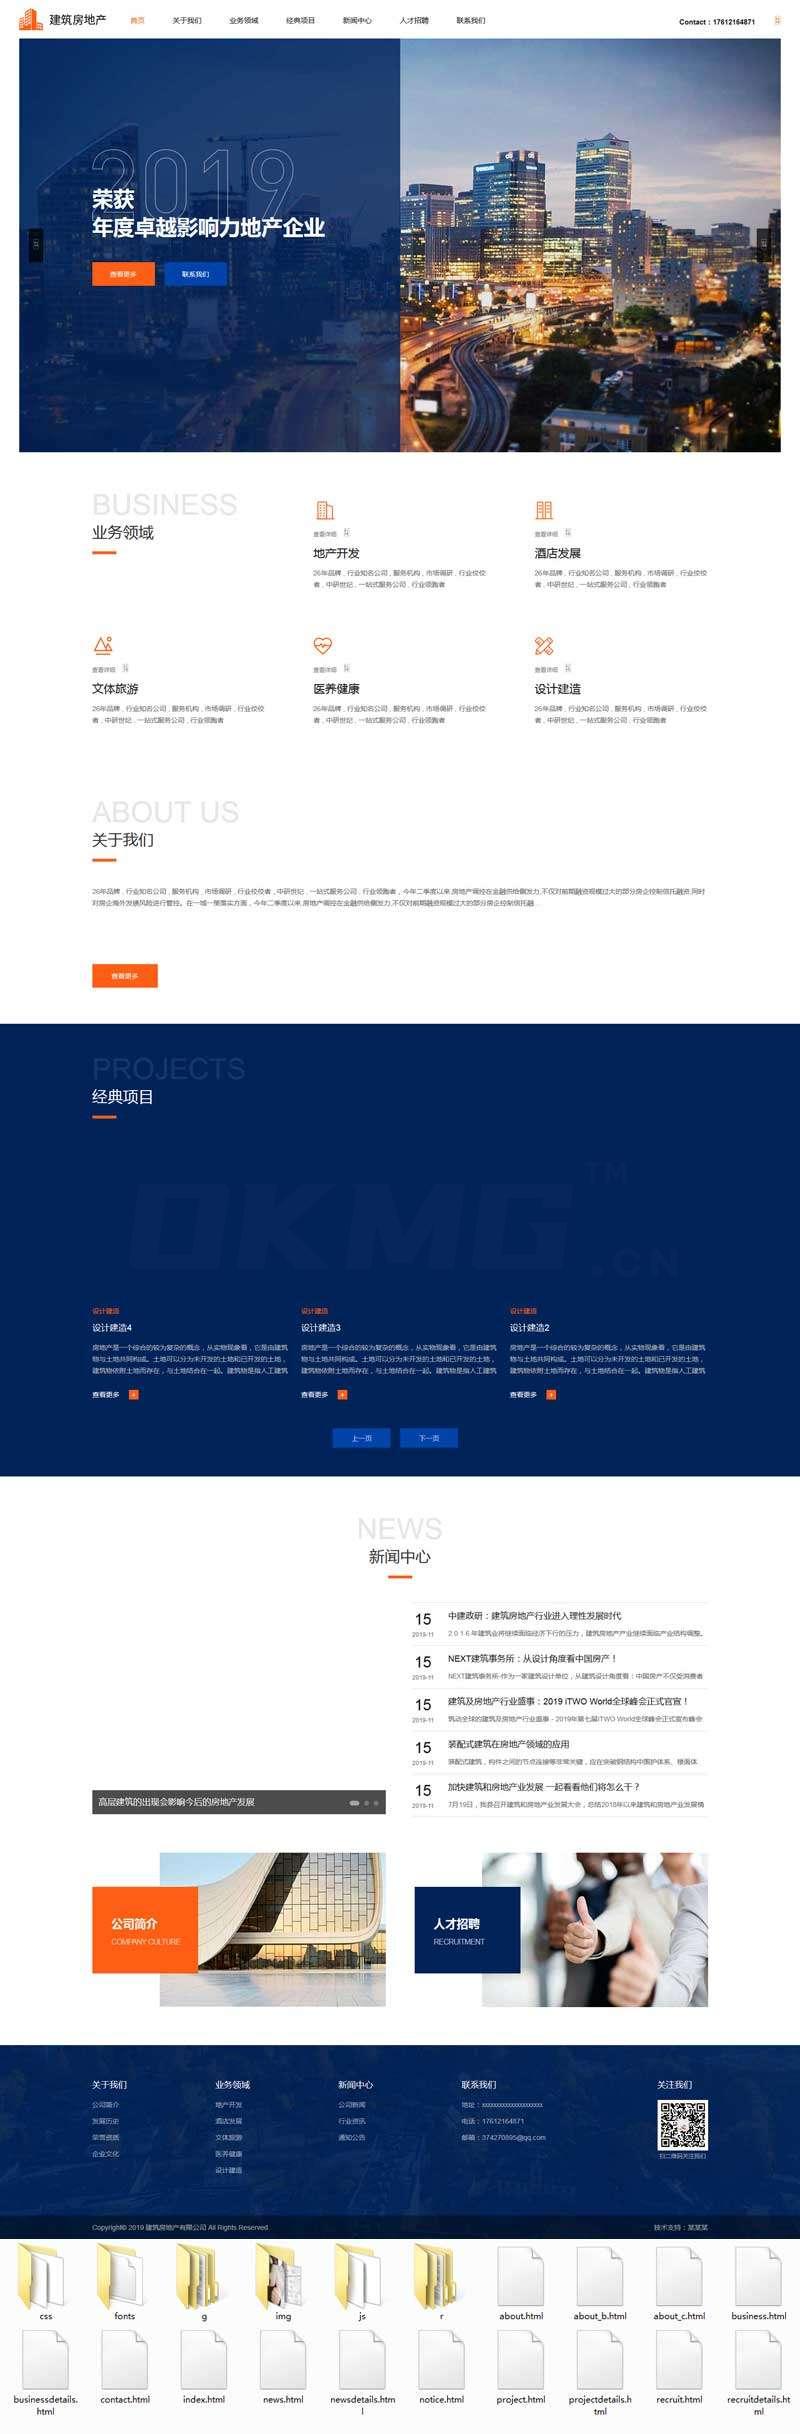 房地产开发企业官网html模板